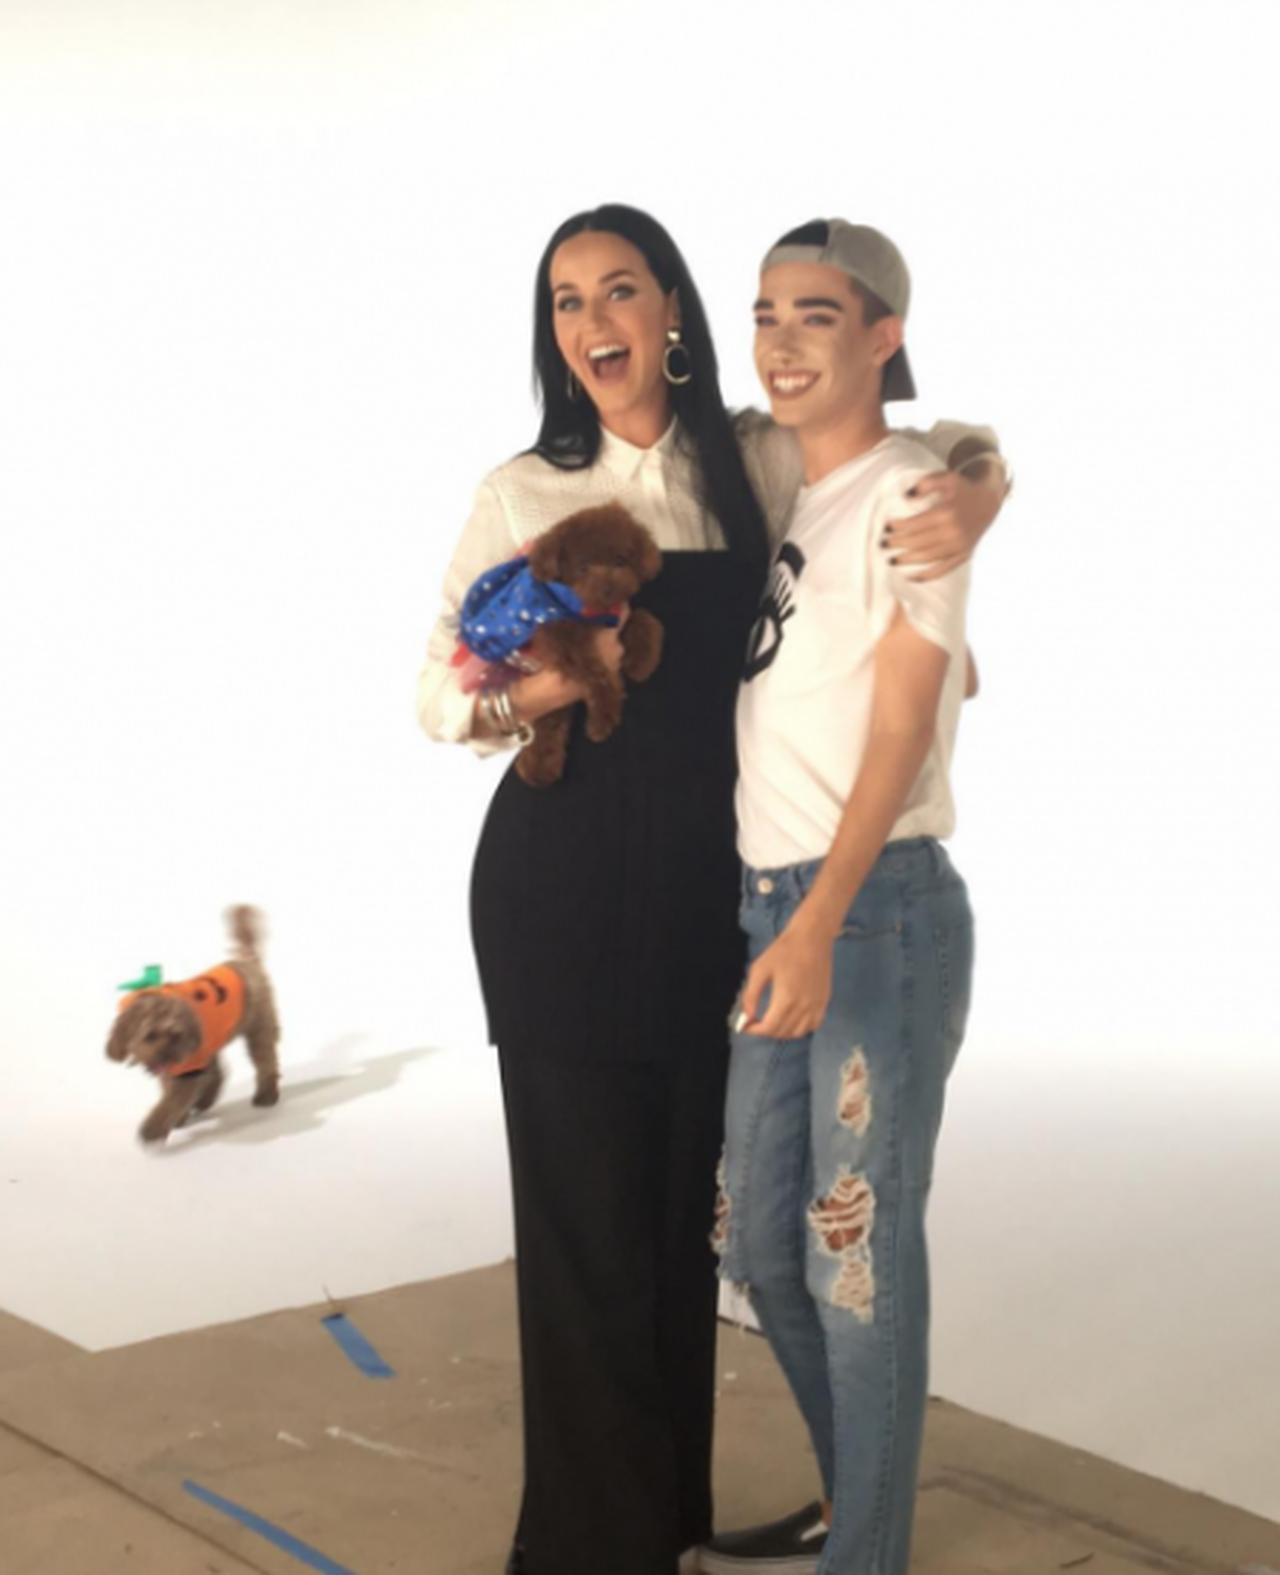 画像: ケイティが自身のSNSを通じてジェームスの広告塔就任を発表。「彼を新広告塔として紹介できるなんて光栄!」と絶賛するほどジェームスを猛プッシュしている。